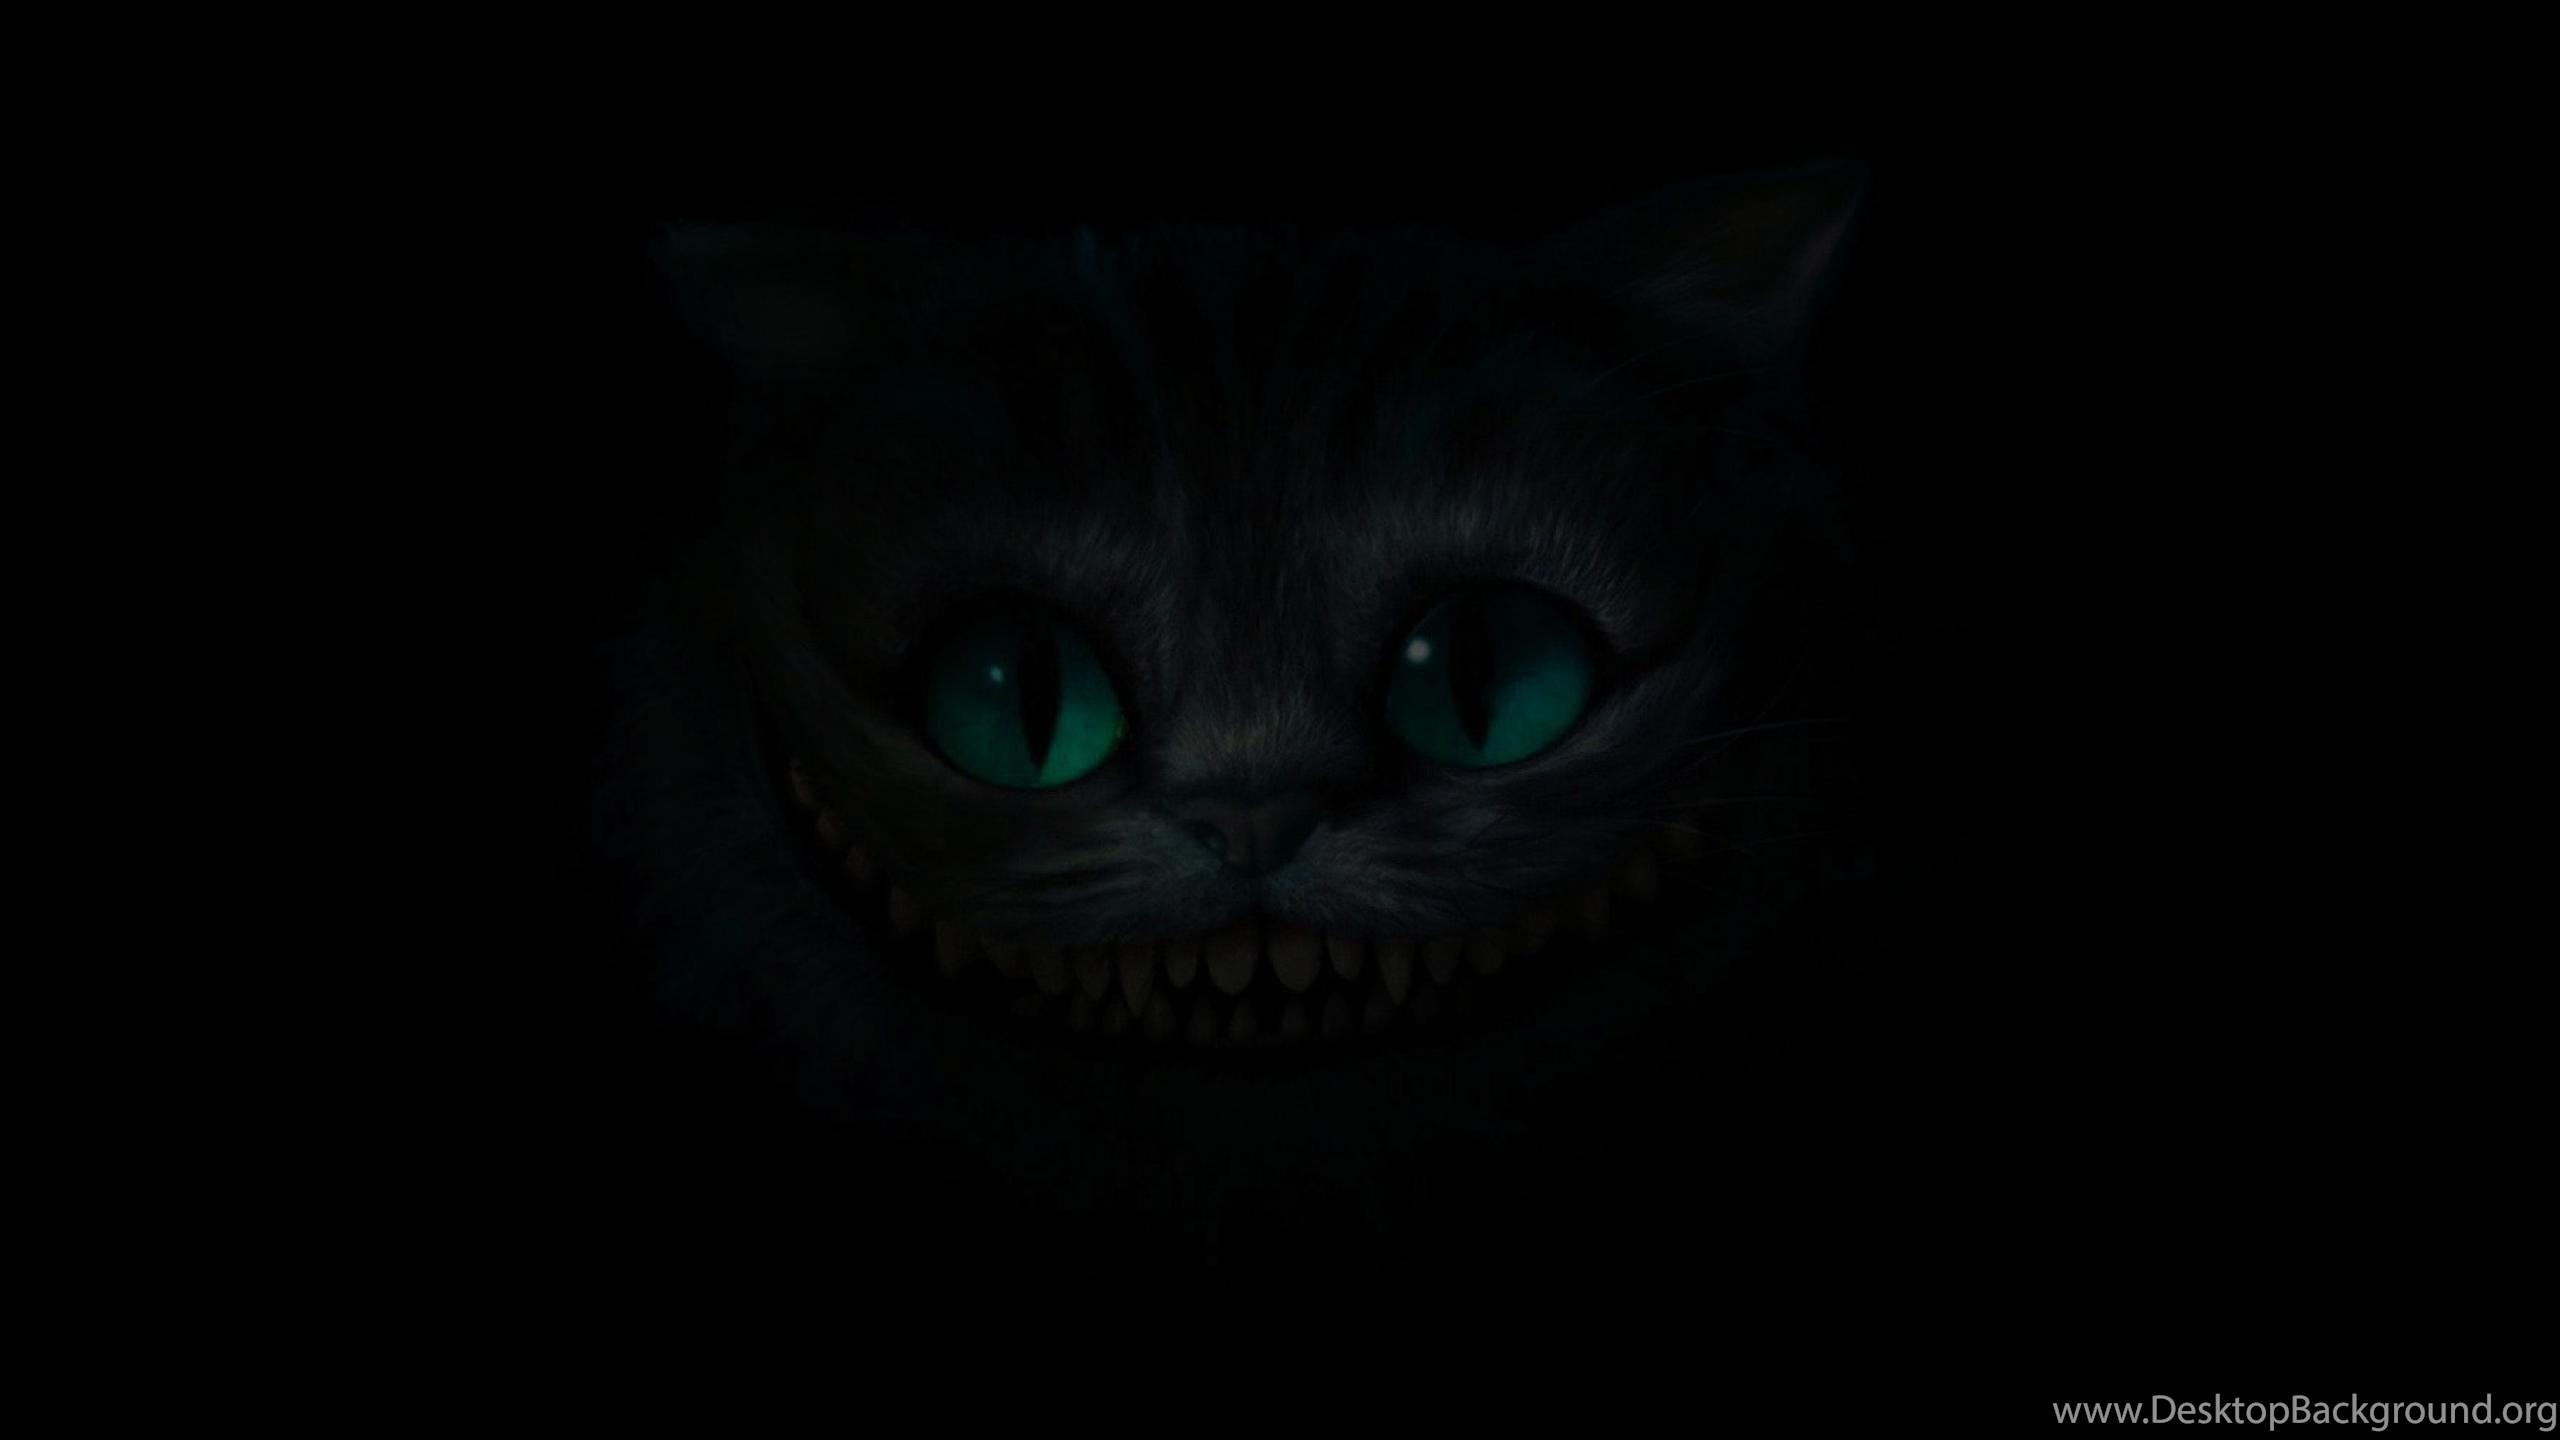 Amazing Cheshire Cat Wallpaper Iphone 5